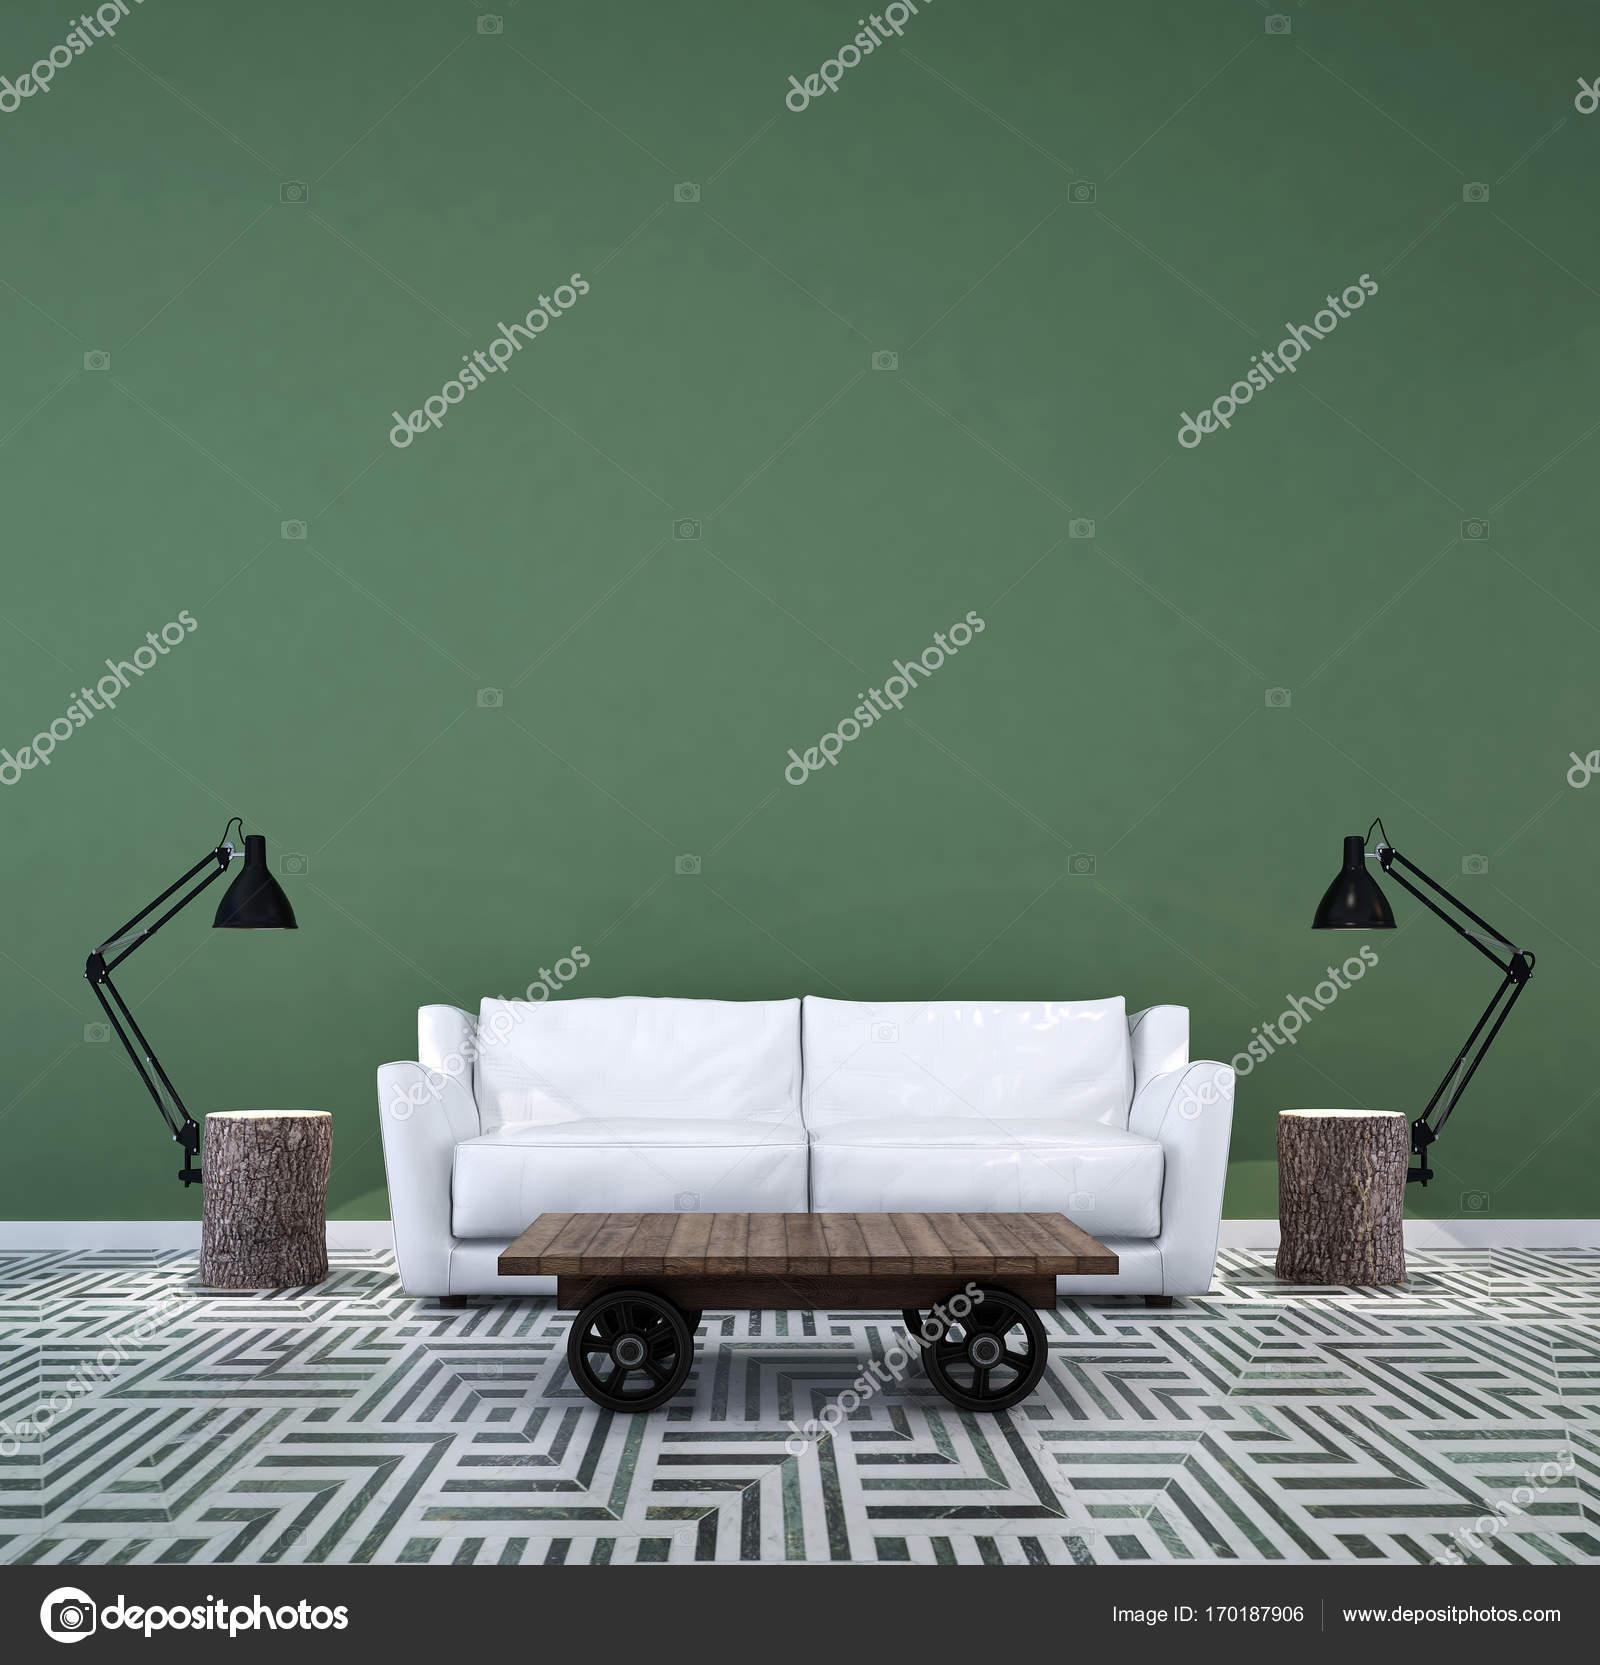 Das Interior Design Der Lounge Und Wohnzimmer Und Sofa Set Und Grune